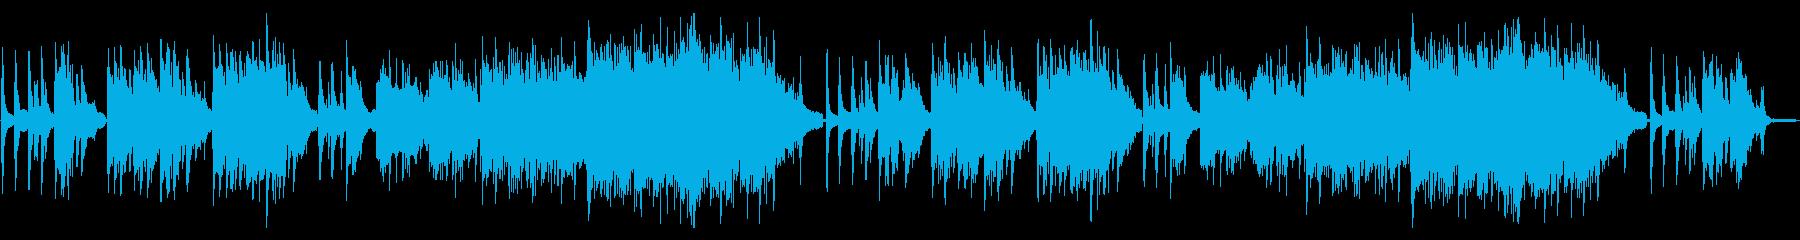 シリアスで幻想的なピアノソロ曲の再生済みの波形